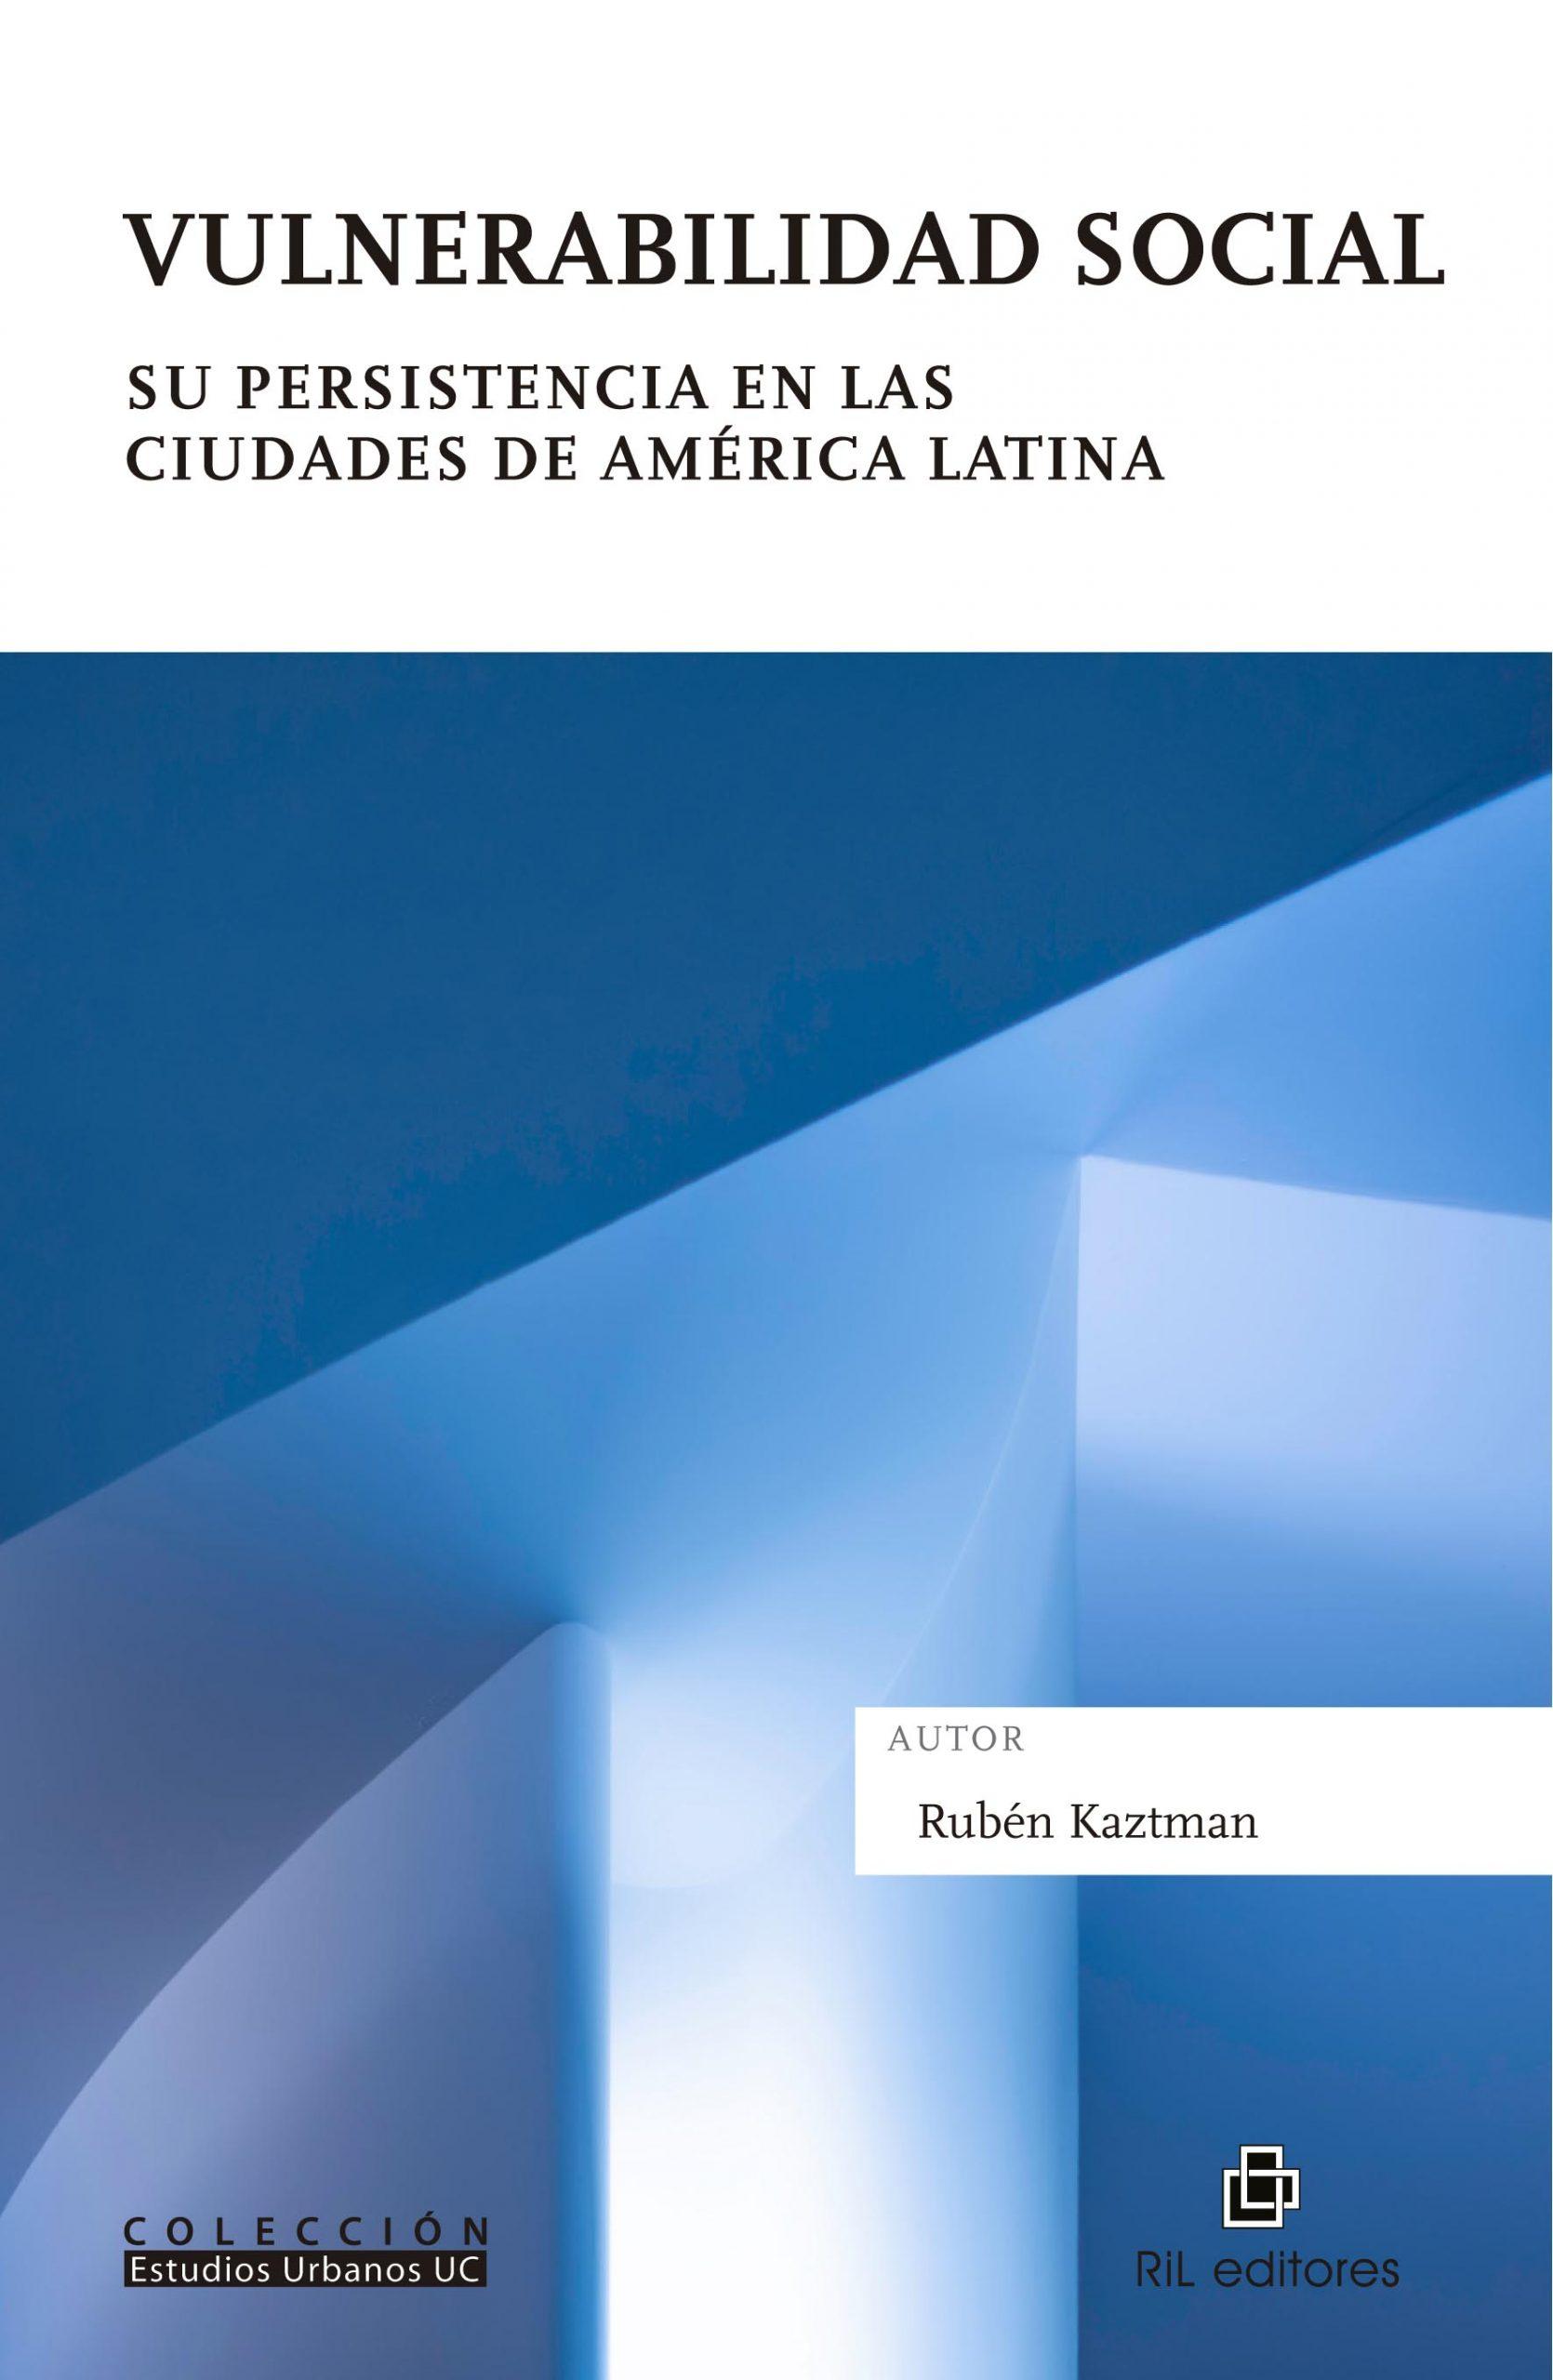 Vulnerabilidad social. Su persistencia en las ciudades de América Latina 1